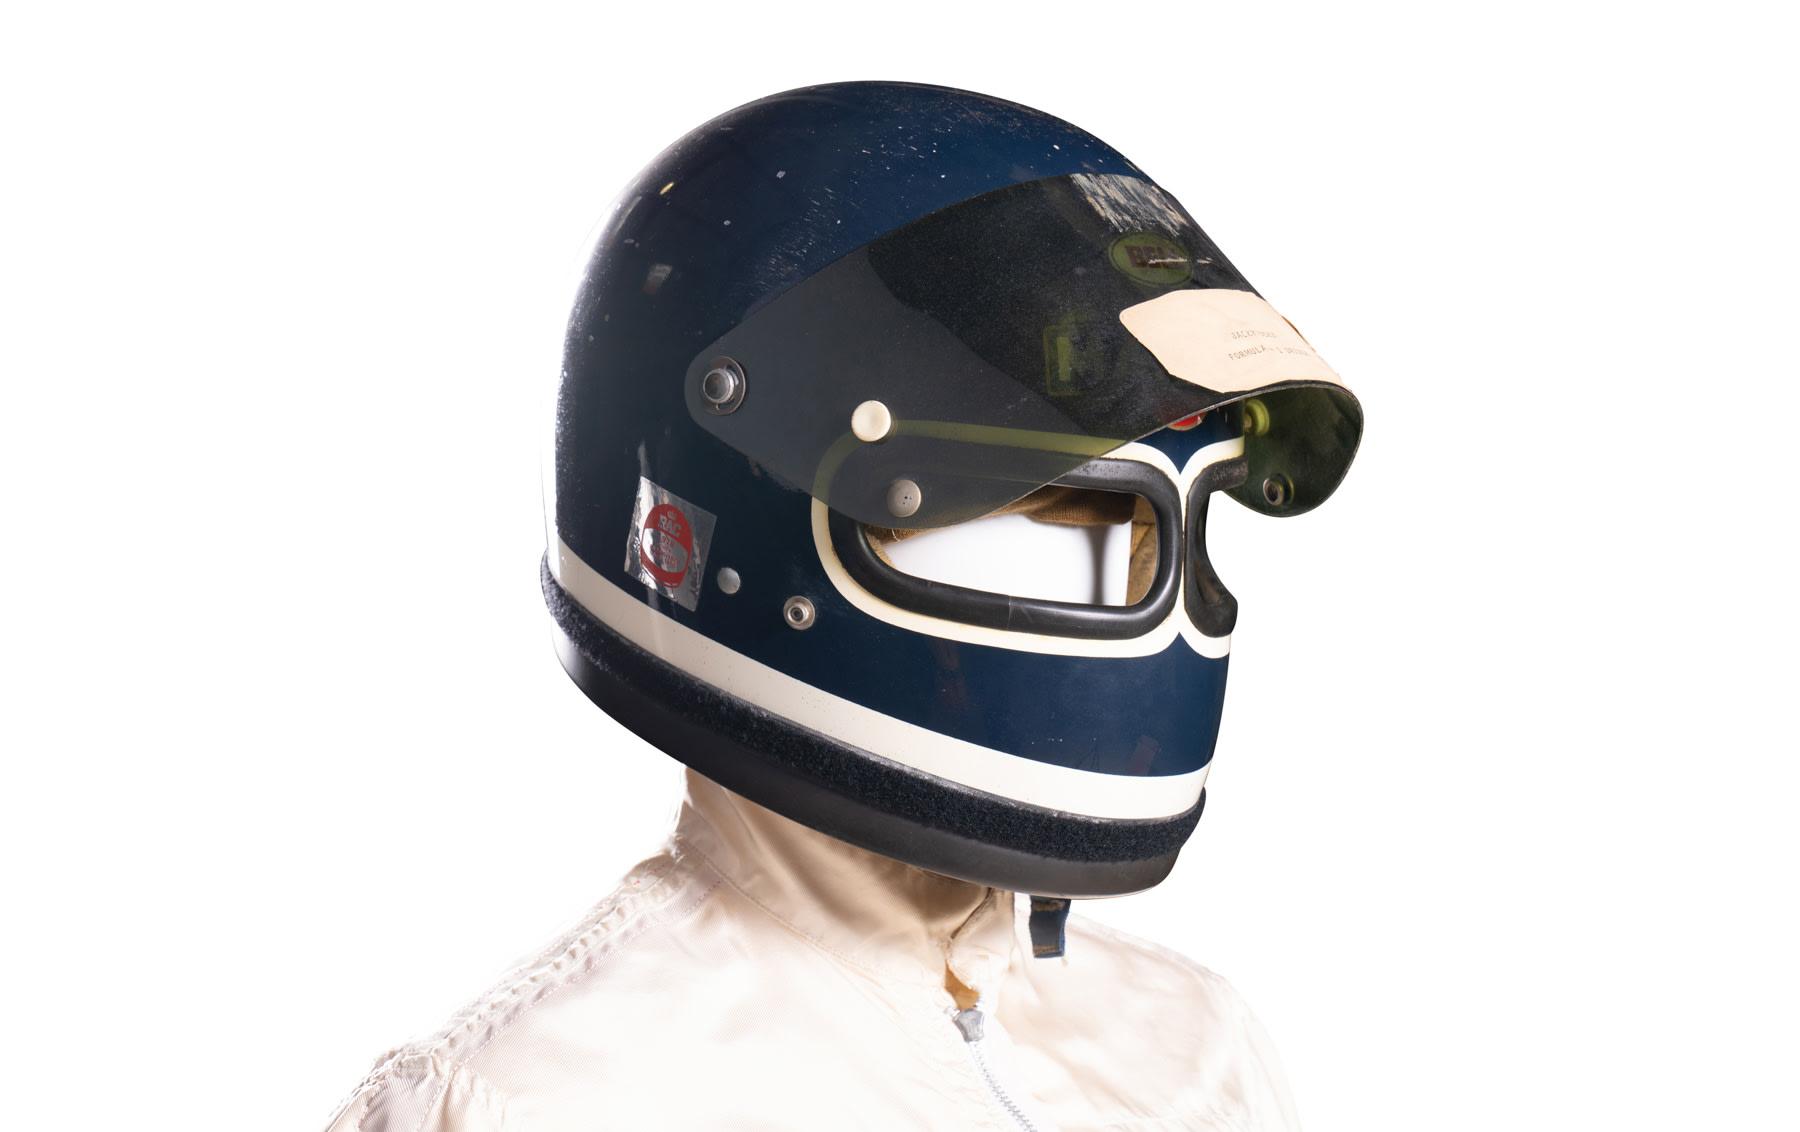 Bell Star XF-GP Twin Window Racing Helmet Worn by Jacky Ickx